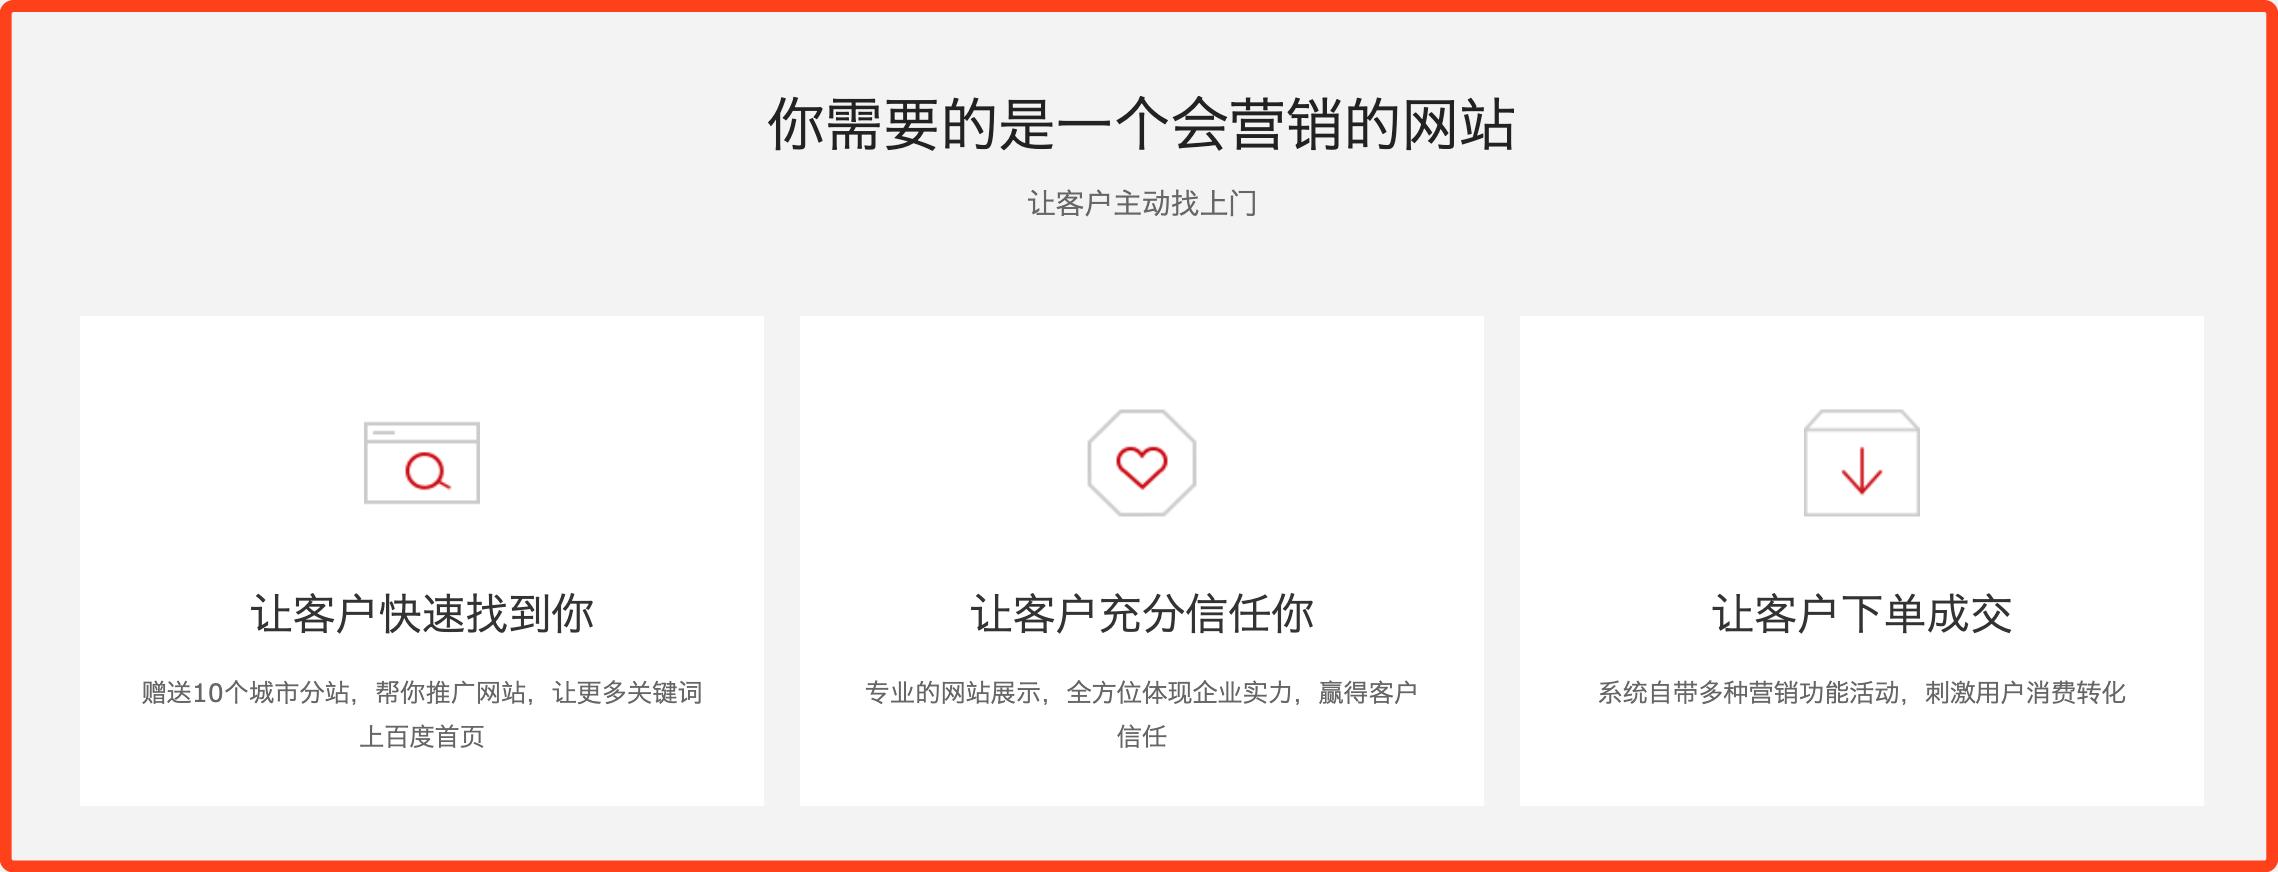 有用的网站.png